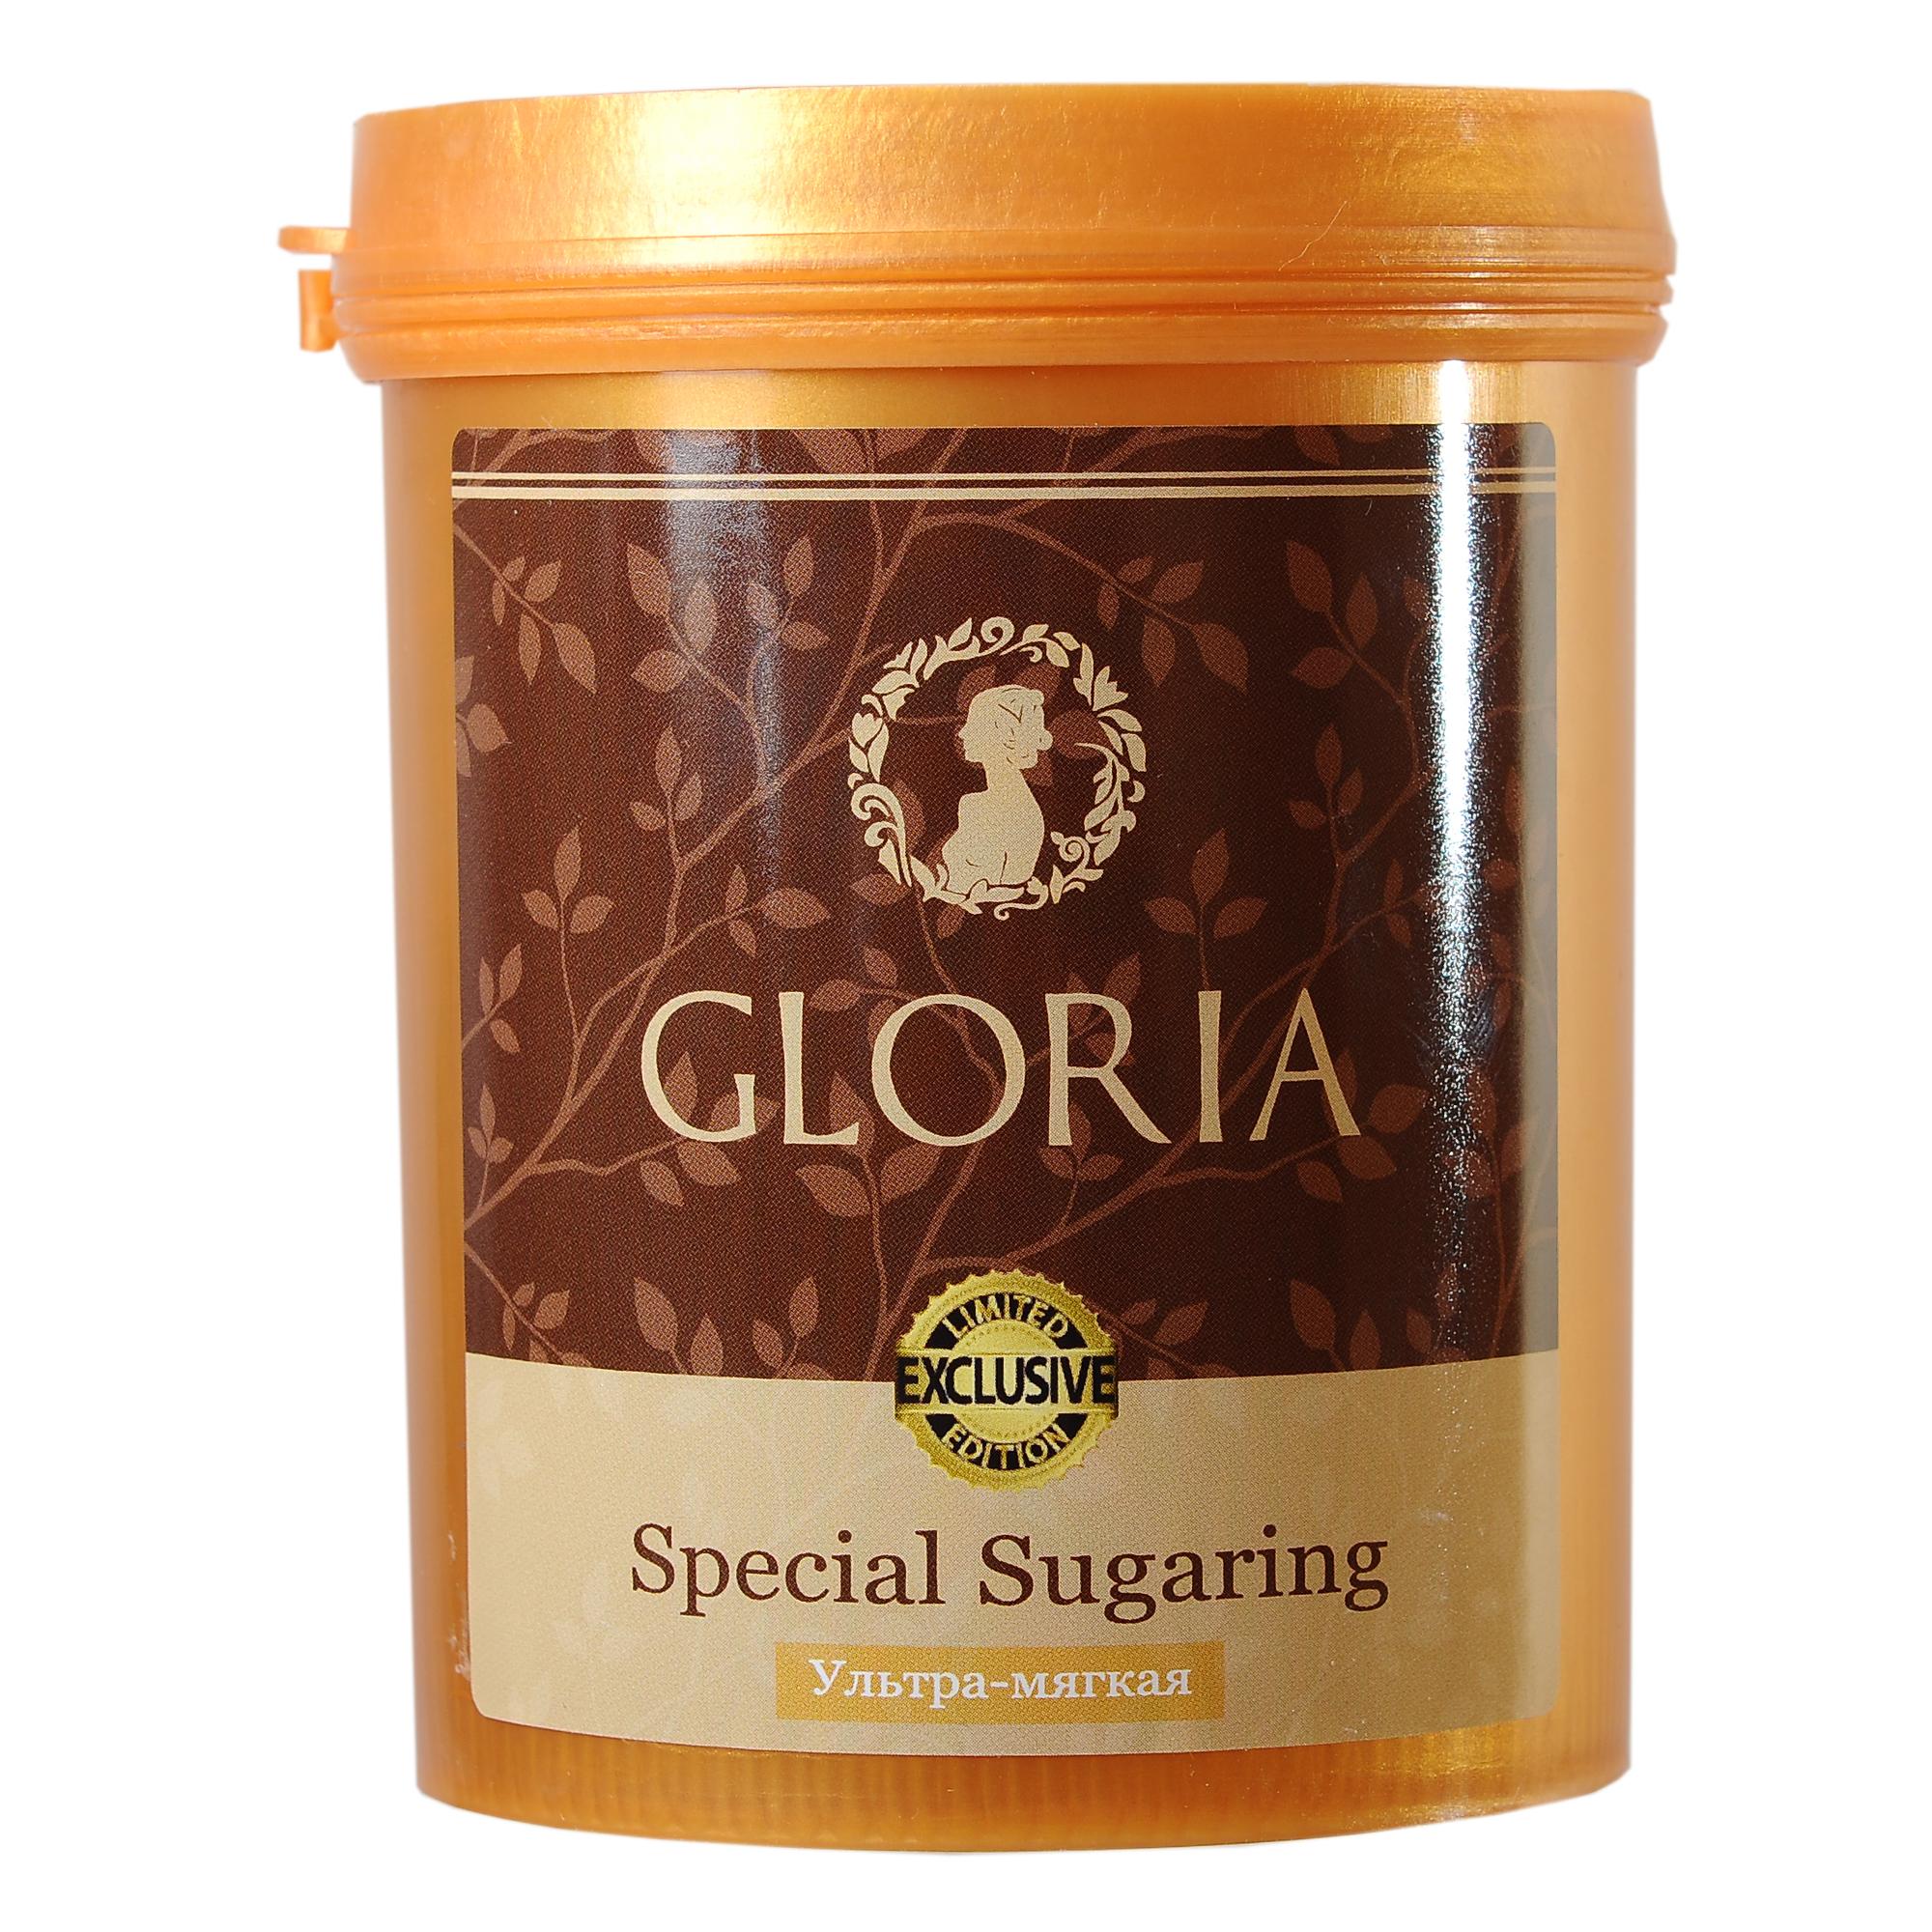 GLORIA Паста для шугаринга Gloria Exclusive ультра мягкая 0,8 кгСахарные пасты<br>Вокруг состава пасты для шугаринга, а точнее наличия или отсутствия в ней лимонной кислоты, ходит много споров. Компания GLORIA приняла решение выпустить пасту GLORIA EXCLUSIVE не только без лимонной кислоты, но и с включением дополнительных полезных ингредиентов. Ультра-мягкая паста для шугаринга Gloria - это профессиональная сахарная паста, предназначенная для эпиляции рук, ног и других участков тела с невысокой температурой тела. Мягкая паста для шугаринга Gloria идеально подходит для мягких и пушковых волос. Также может быть использована для эпиляции в домашних условиях. Преимущества : 1. Не содержит лимонную кислоту 2. Уникальная формула с ионами серебра 3. Абсолютно натуральный продукт 4. Гипоаллергенная&amp;nbsp; 5. Гигиенична 6. Безопасна Активные ингредиенты: вода, глюкоза, фруктоза. Способ применения:&amp;nbsp;на предварительно очищенную и обезжиренную кожу нанести небольшое количество пасты в направлении, противоположном направлению роста волос. Резким движением оторвать пасту вместе с нежелательными волосками, второй рукой натягивая кожу в противоположную сторону. По окончании процедуры остатки пасты удалить влажной салфеткой. Количество процедур:&amp;nbsp;25-30<br><br>Объем: 0,8 кг<br>Вид средства для тела: Сахарный<br>Класс косметики: Профессиональная<br>Консистенция: Мягкая